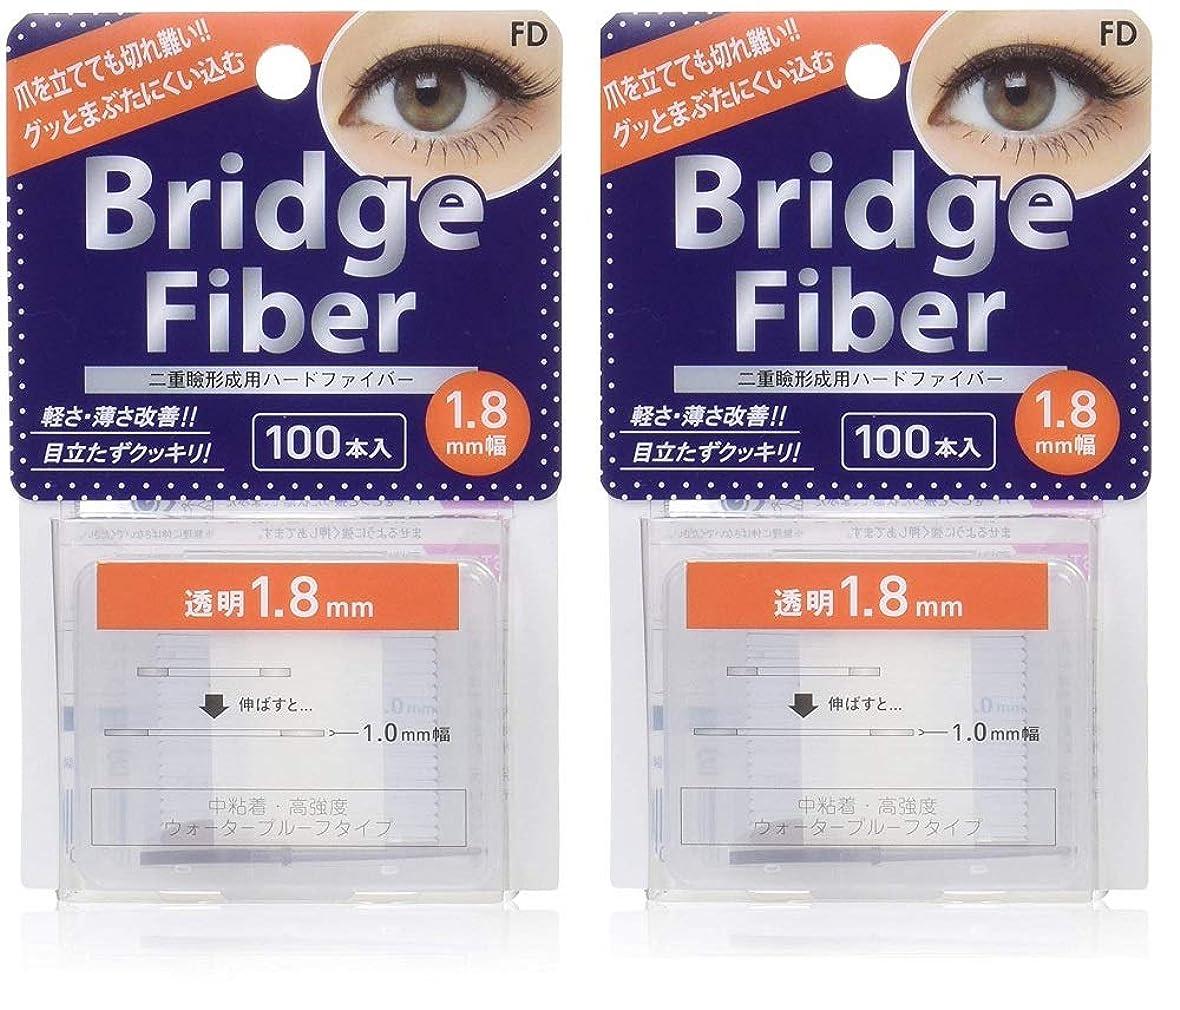 フィットバッテリー到着するFD ブリッジファイバーII (眼瞼下垂防止テープ) 透明 1.8mm×2個セット